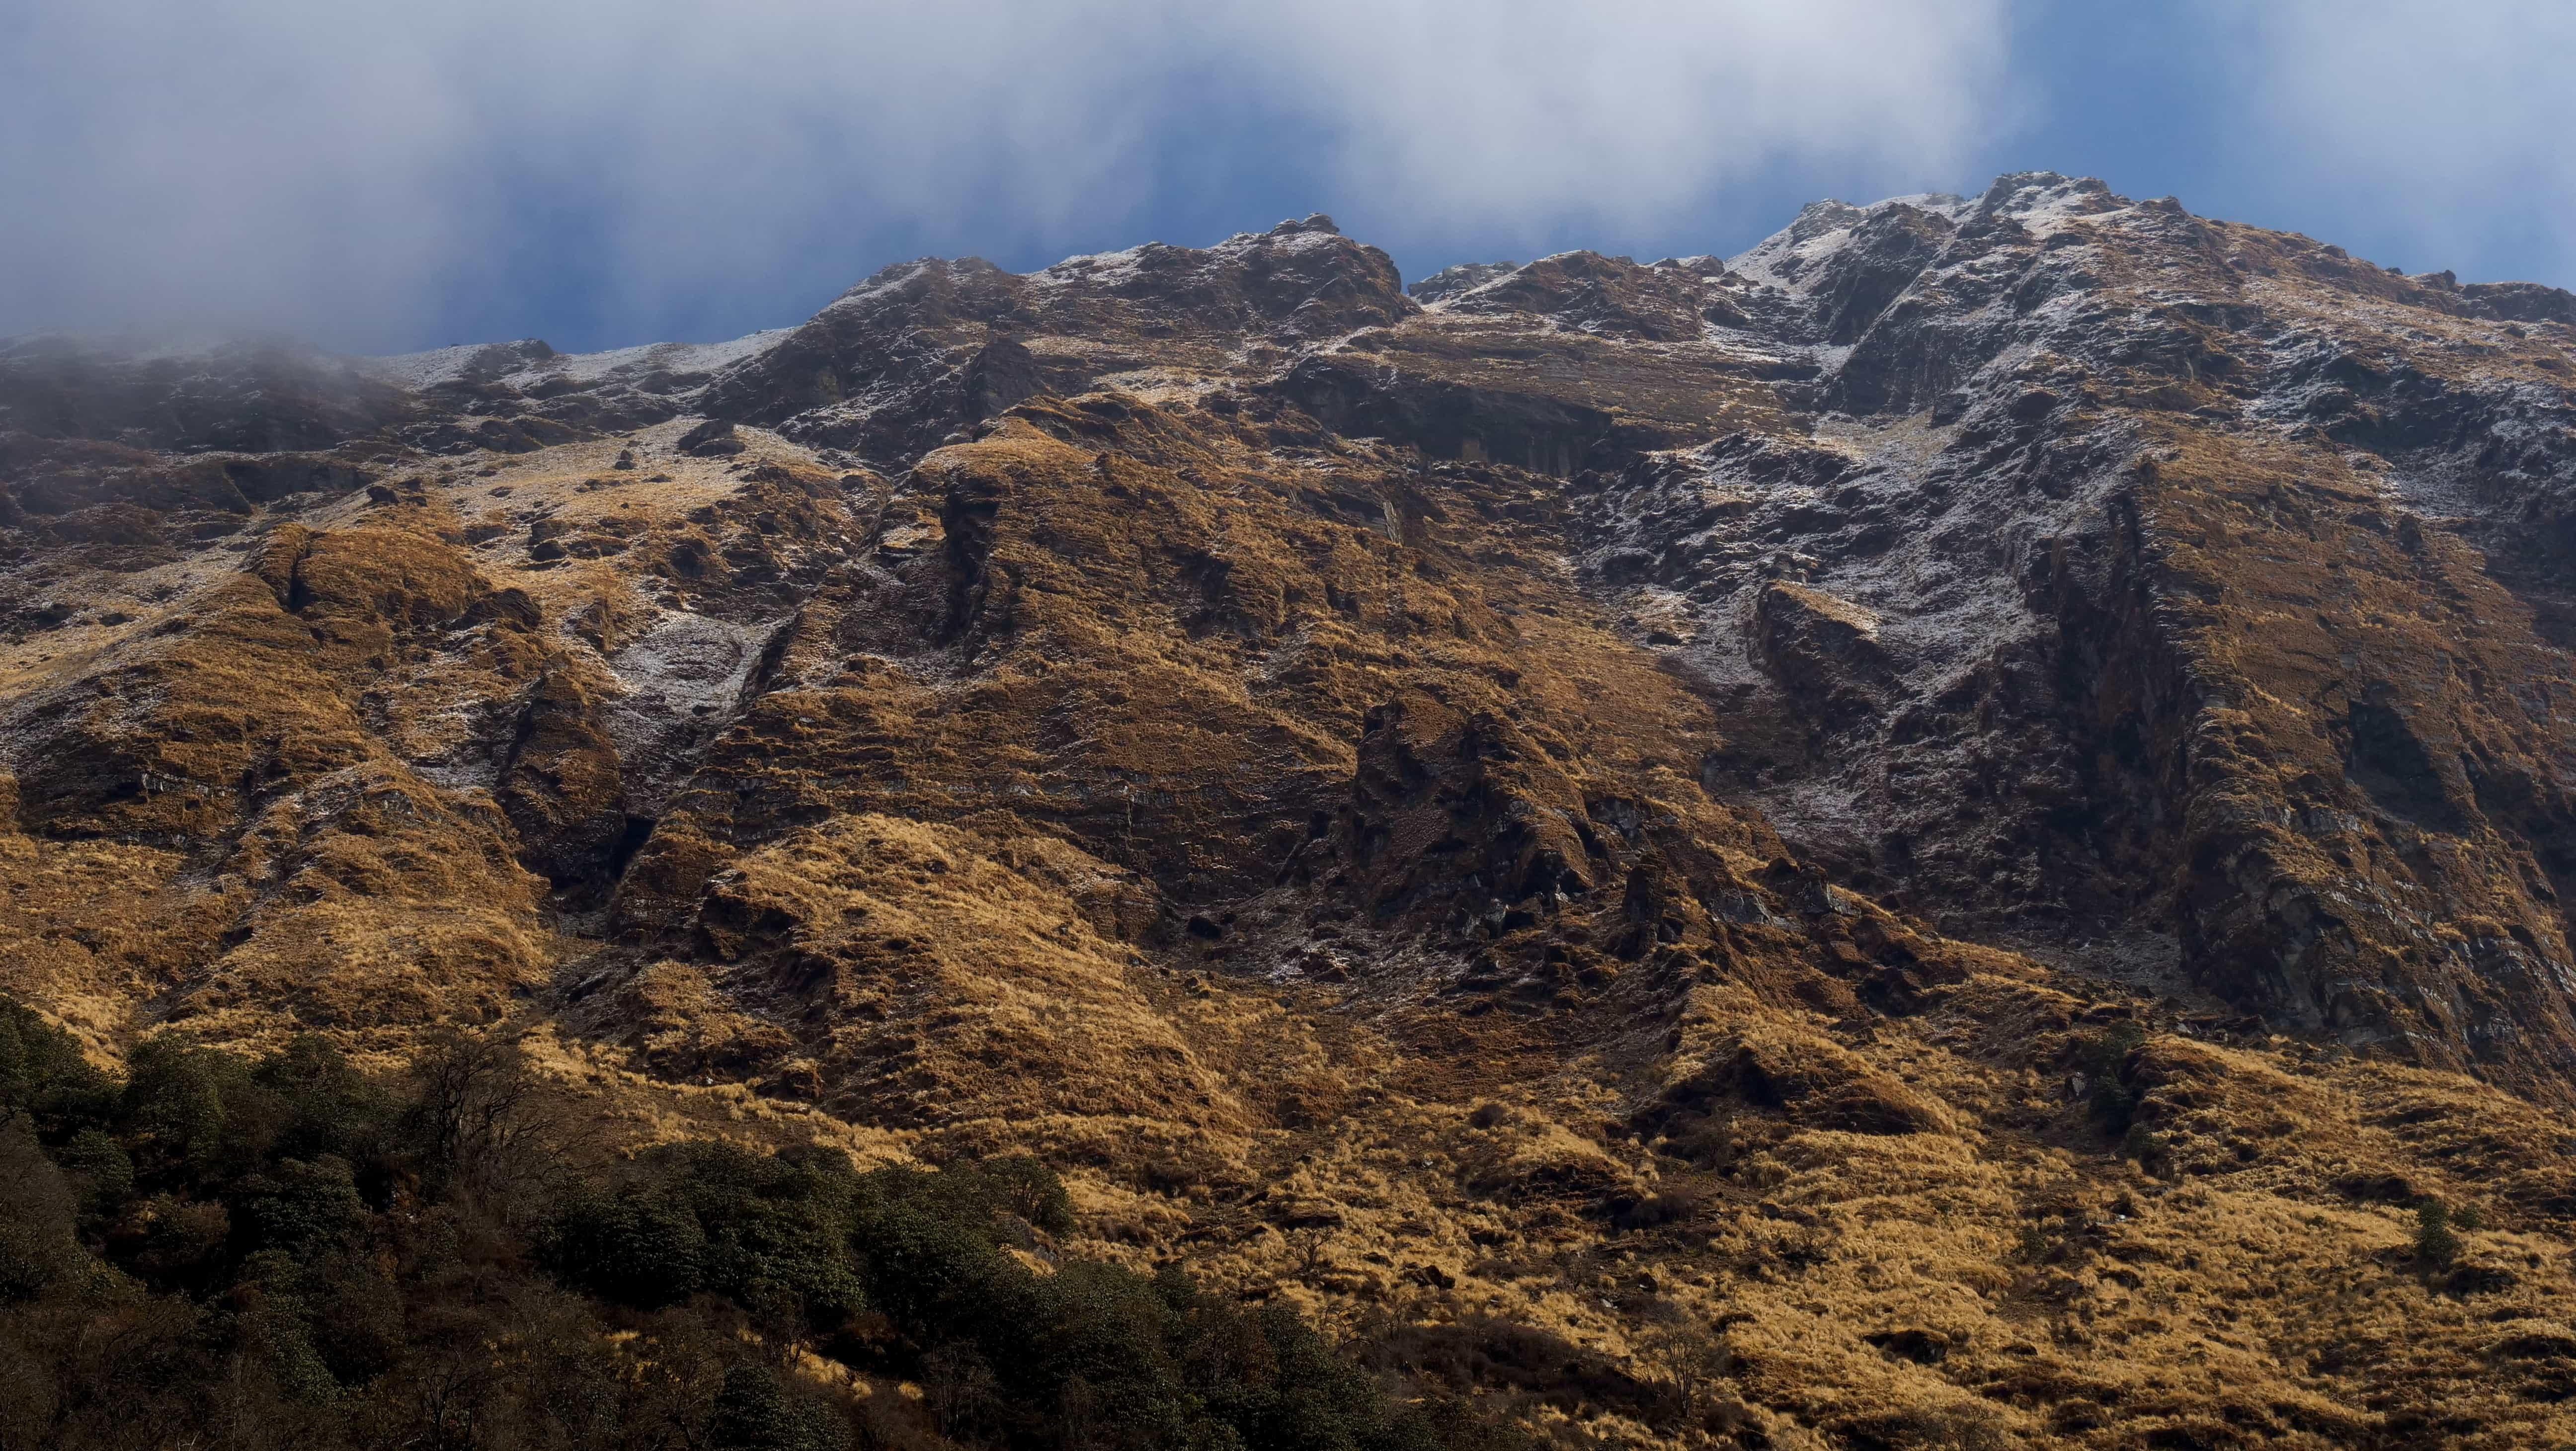 Field Recording nepal himalaya David kamp studiokamp mountain